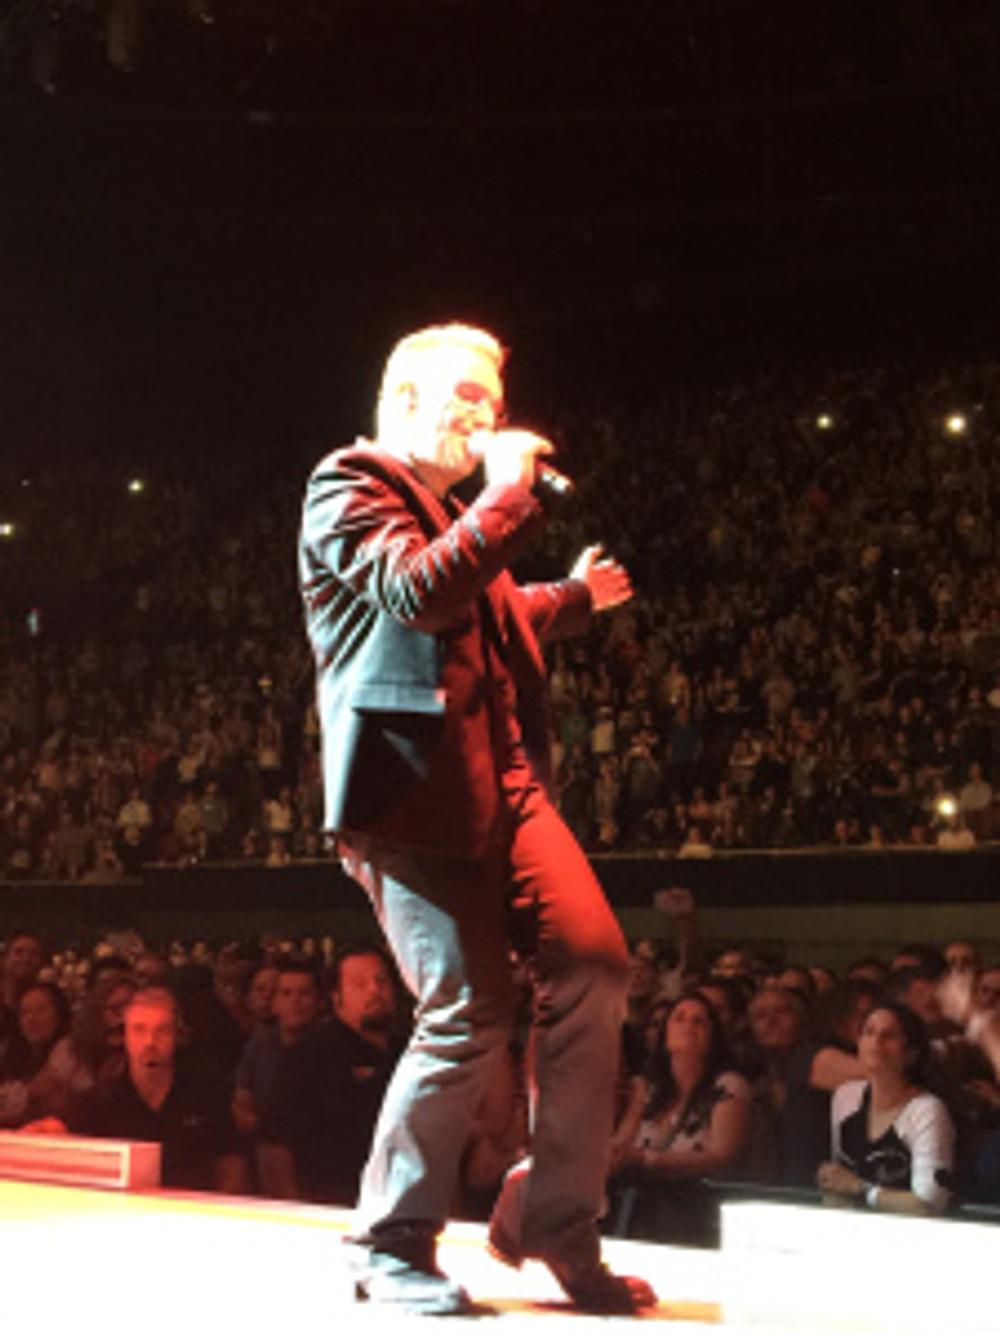 U2 2015 Forum Pics - Bono